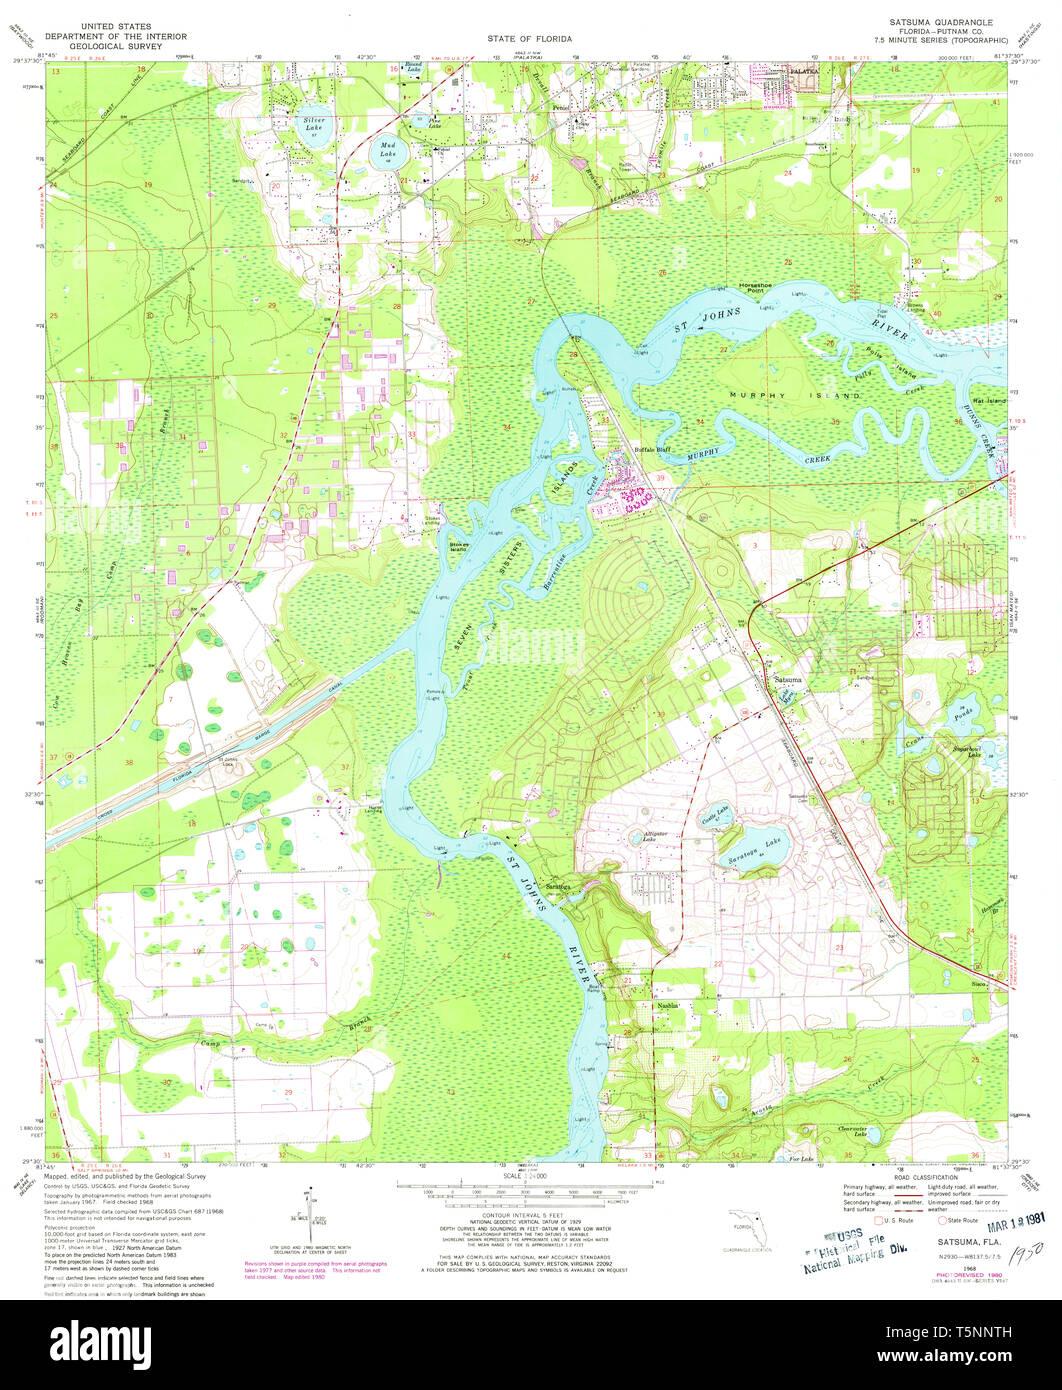 USGS TOPO Map Florida FL Satsuma 348451 1968 24000 ... Satsuma Florida Map on st. johns river florida map, huntington florida map, wimauma florida map, united states florida map, village of wellington florida map, fairhope florida map, central time zone florida map, sharpes florida map, decatur florida map, rodman reservoir florida map, pass a grille beach florida map, putnam hall florida map, drayton island florida map, foley florida map, selma florida map, zellwood florida map, mobile florida map, sumatra florida map, lake como florida map, spring hill florida map,